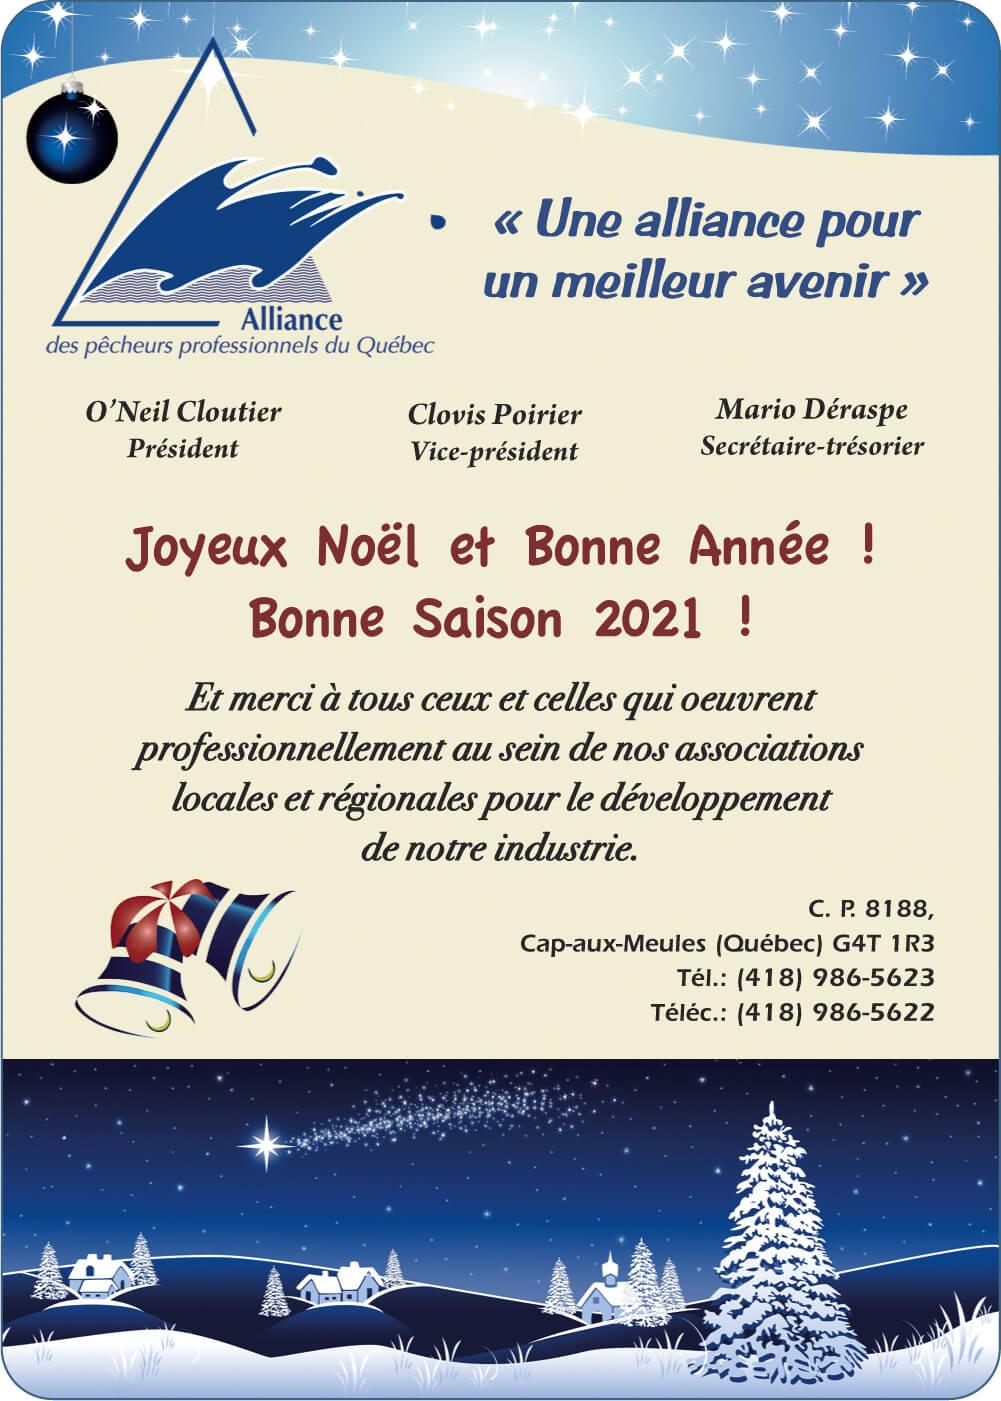 Alliance des pêcheurs professionnels du Québec